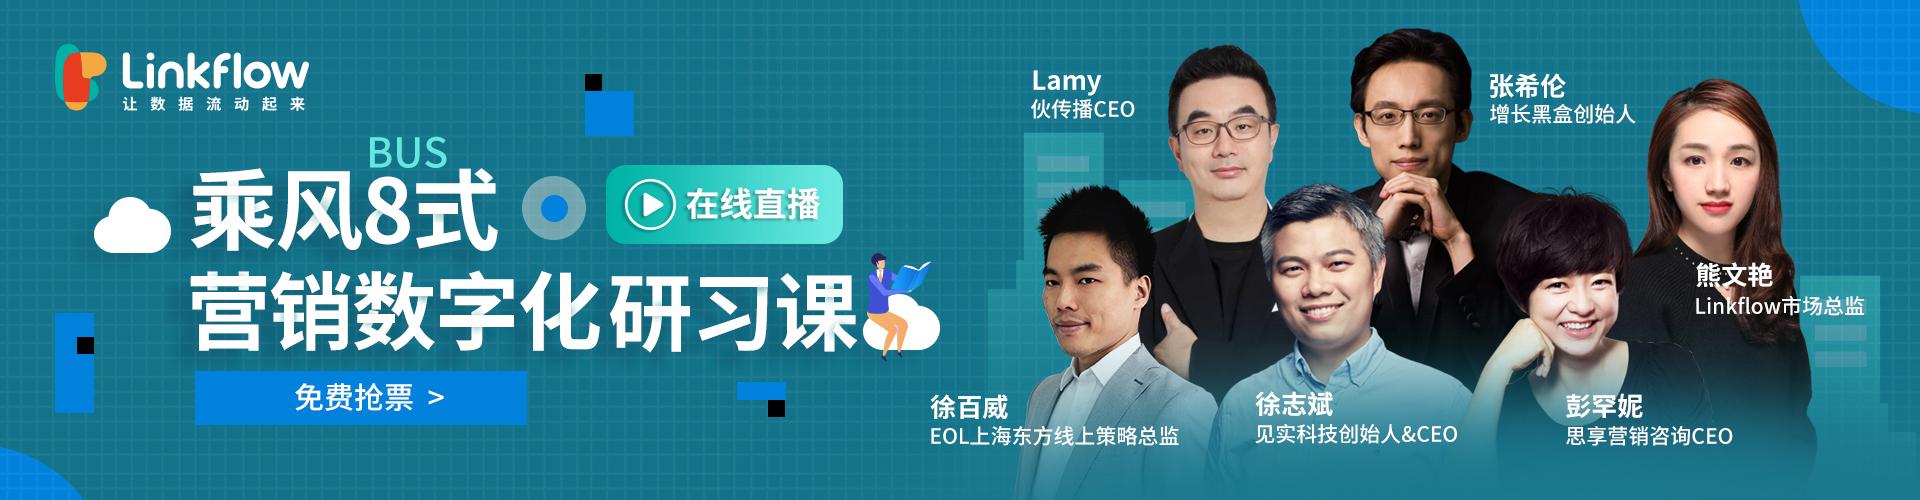 「乘风8式」营销数字化研习课:7-8月每周一课,在数字化浪潮里,乘风前行